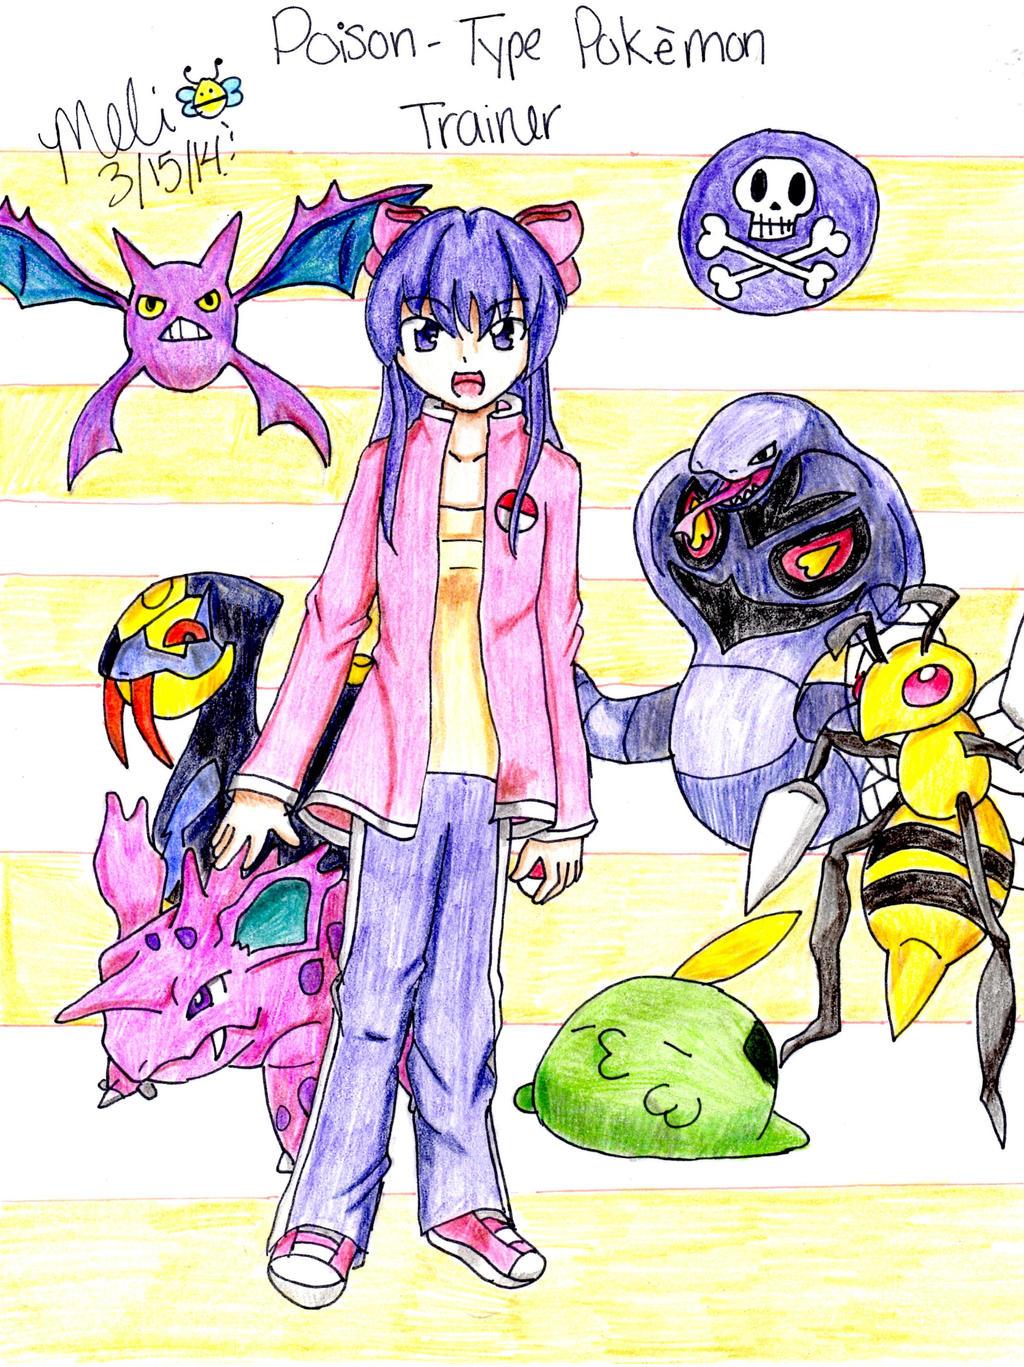 Uncategorized Poison Type poison type pokemon trainer by mitsukichan313 on deviantart mitsukichan313